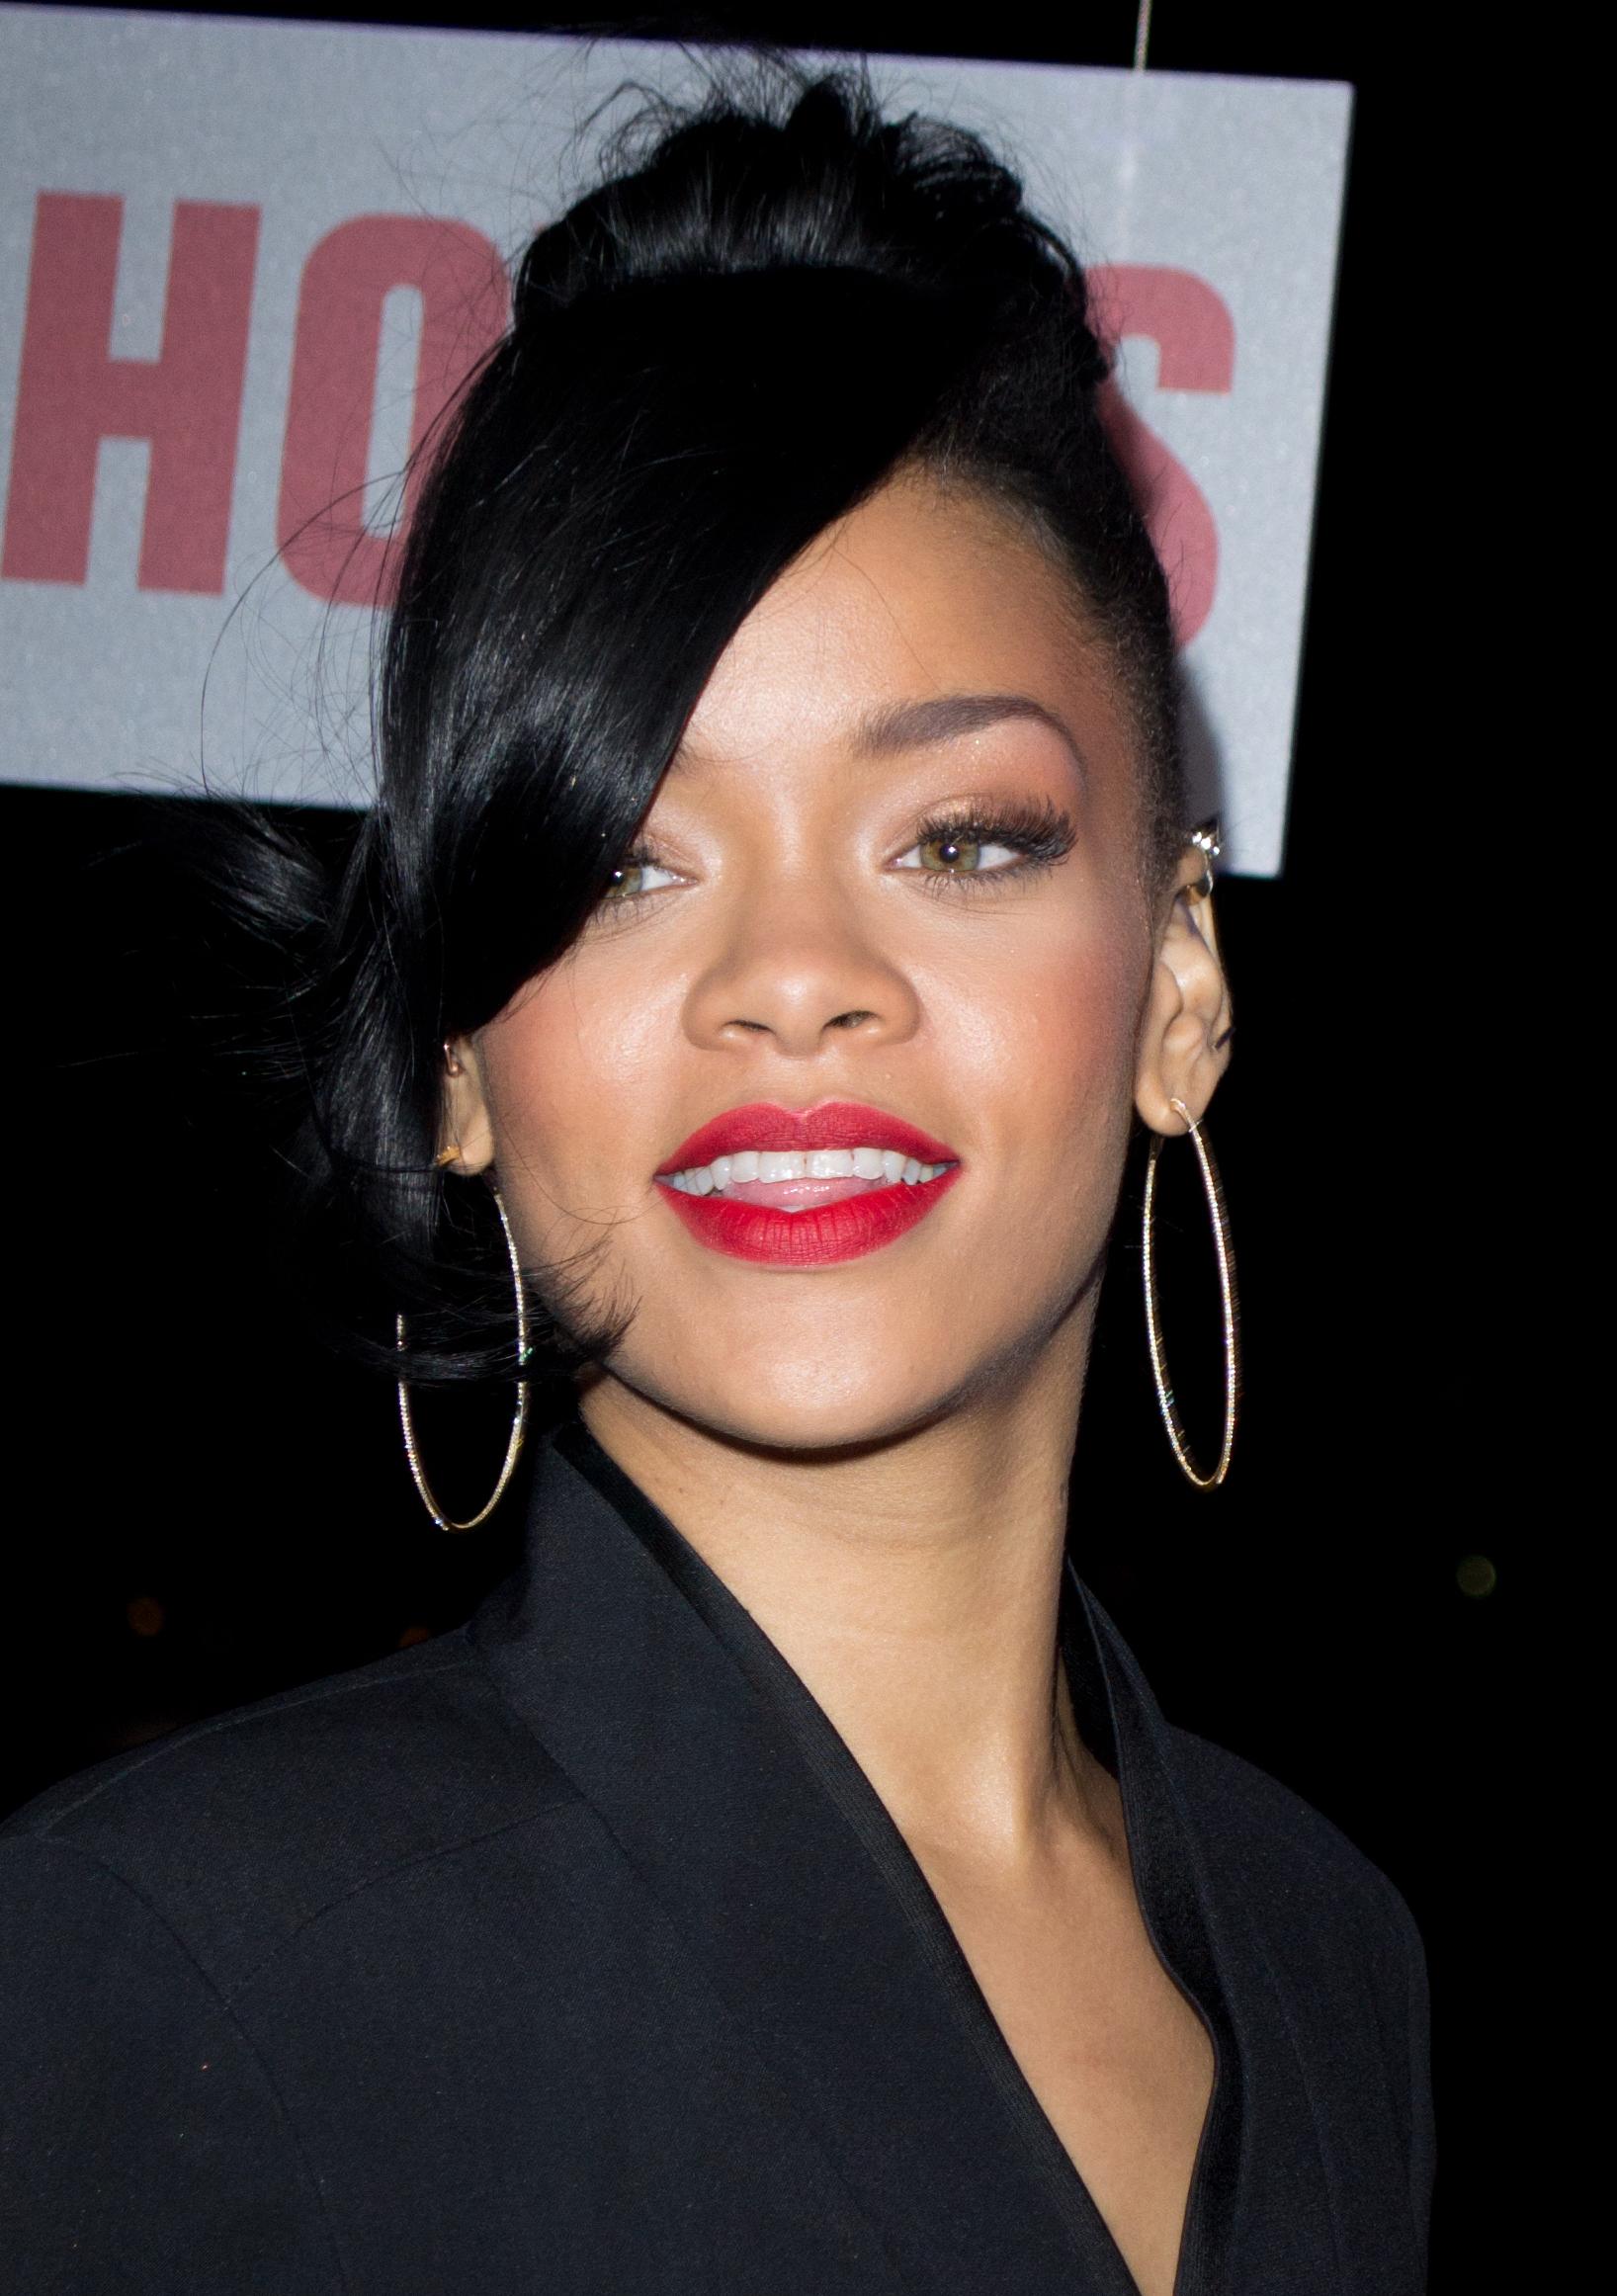 File:Rihanna 5, 2012.jpg - Wikipedia Rihanna